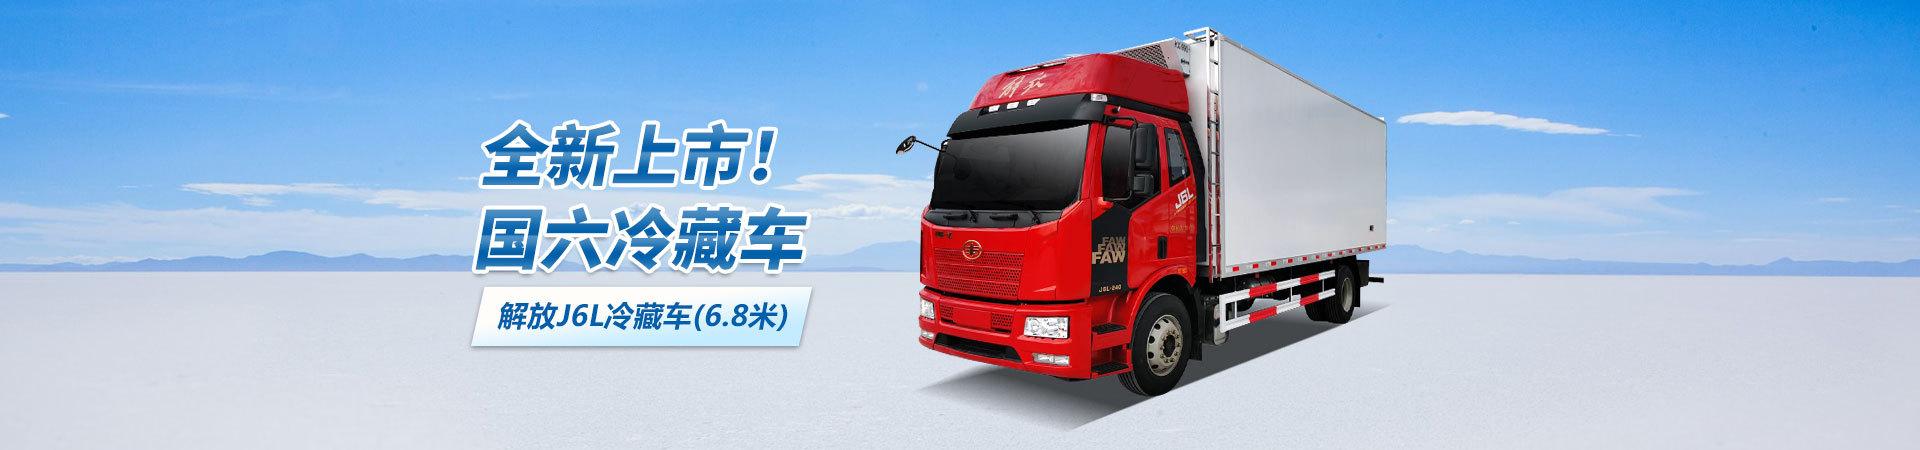 厢长4米以上的冷藏车有哪些车型?价格,多少钱?厂家报价